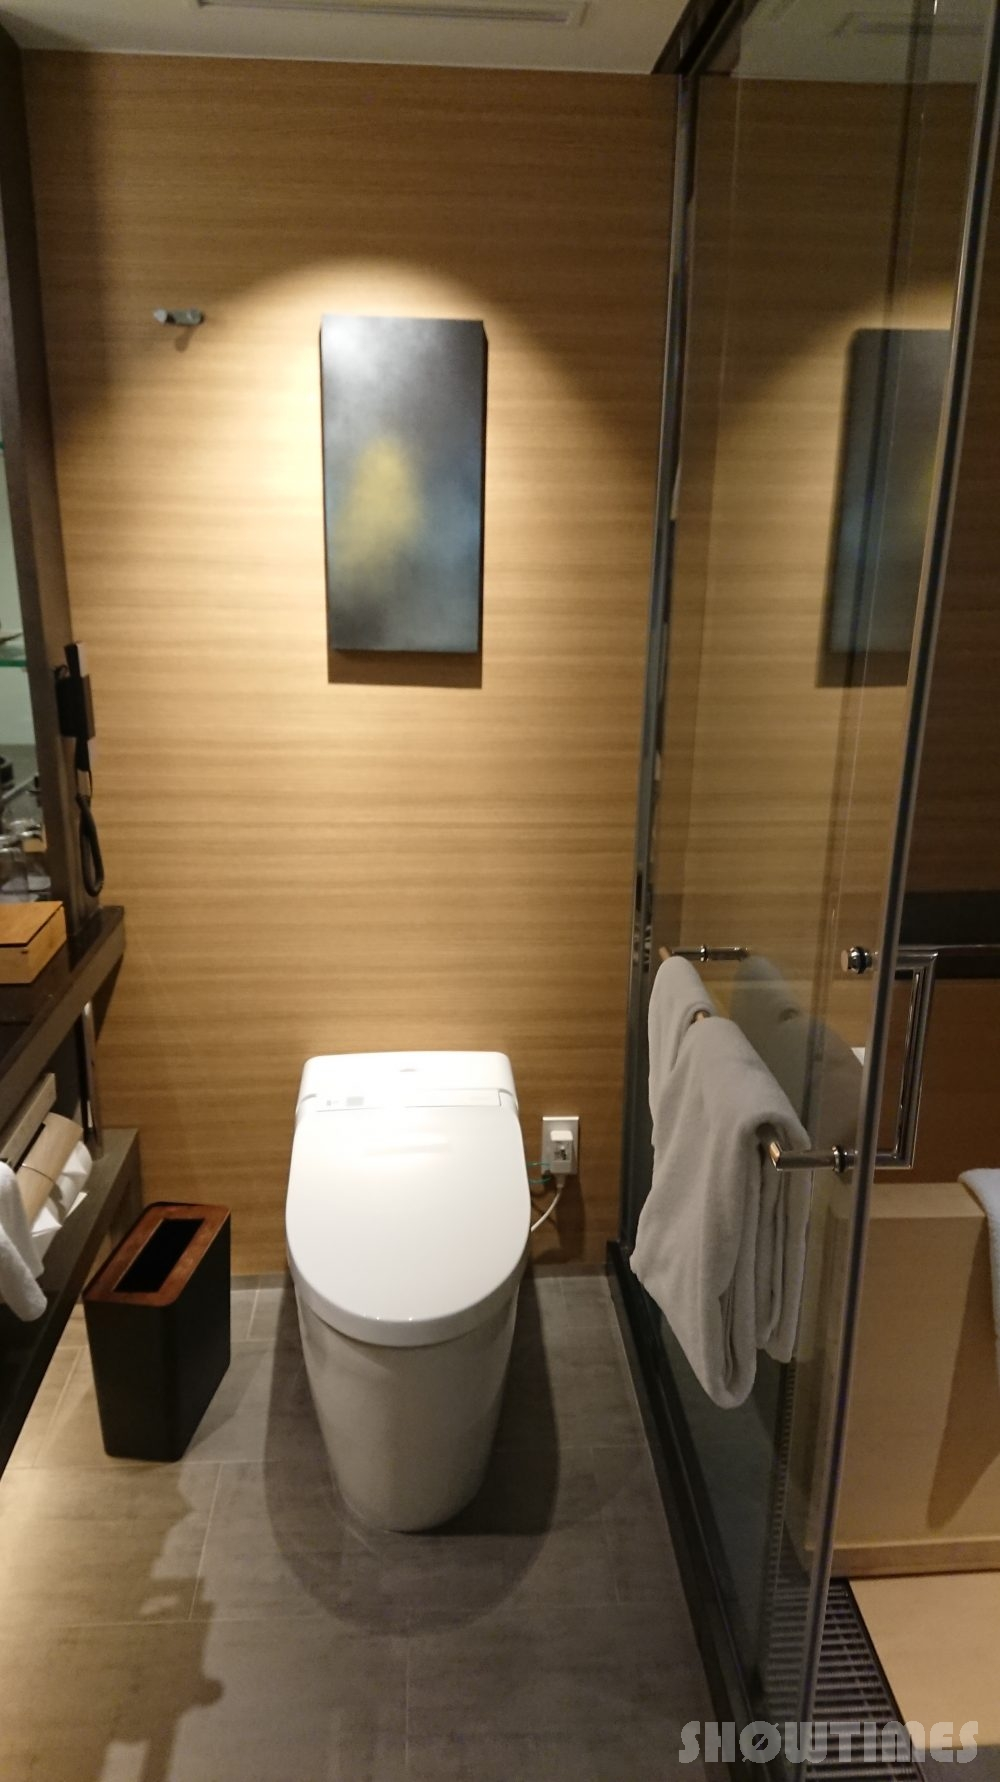 ホテルニューオータニ(東京)新江戸ルームのトイレ